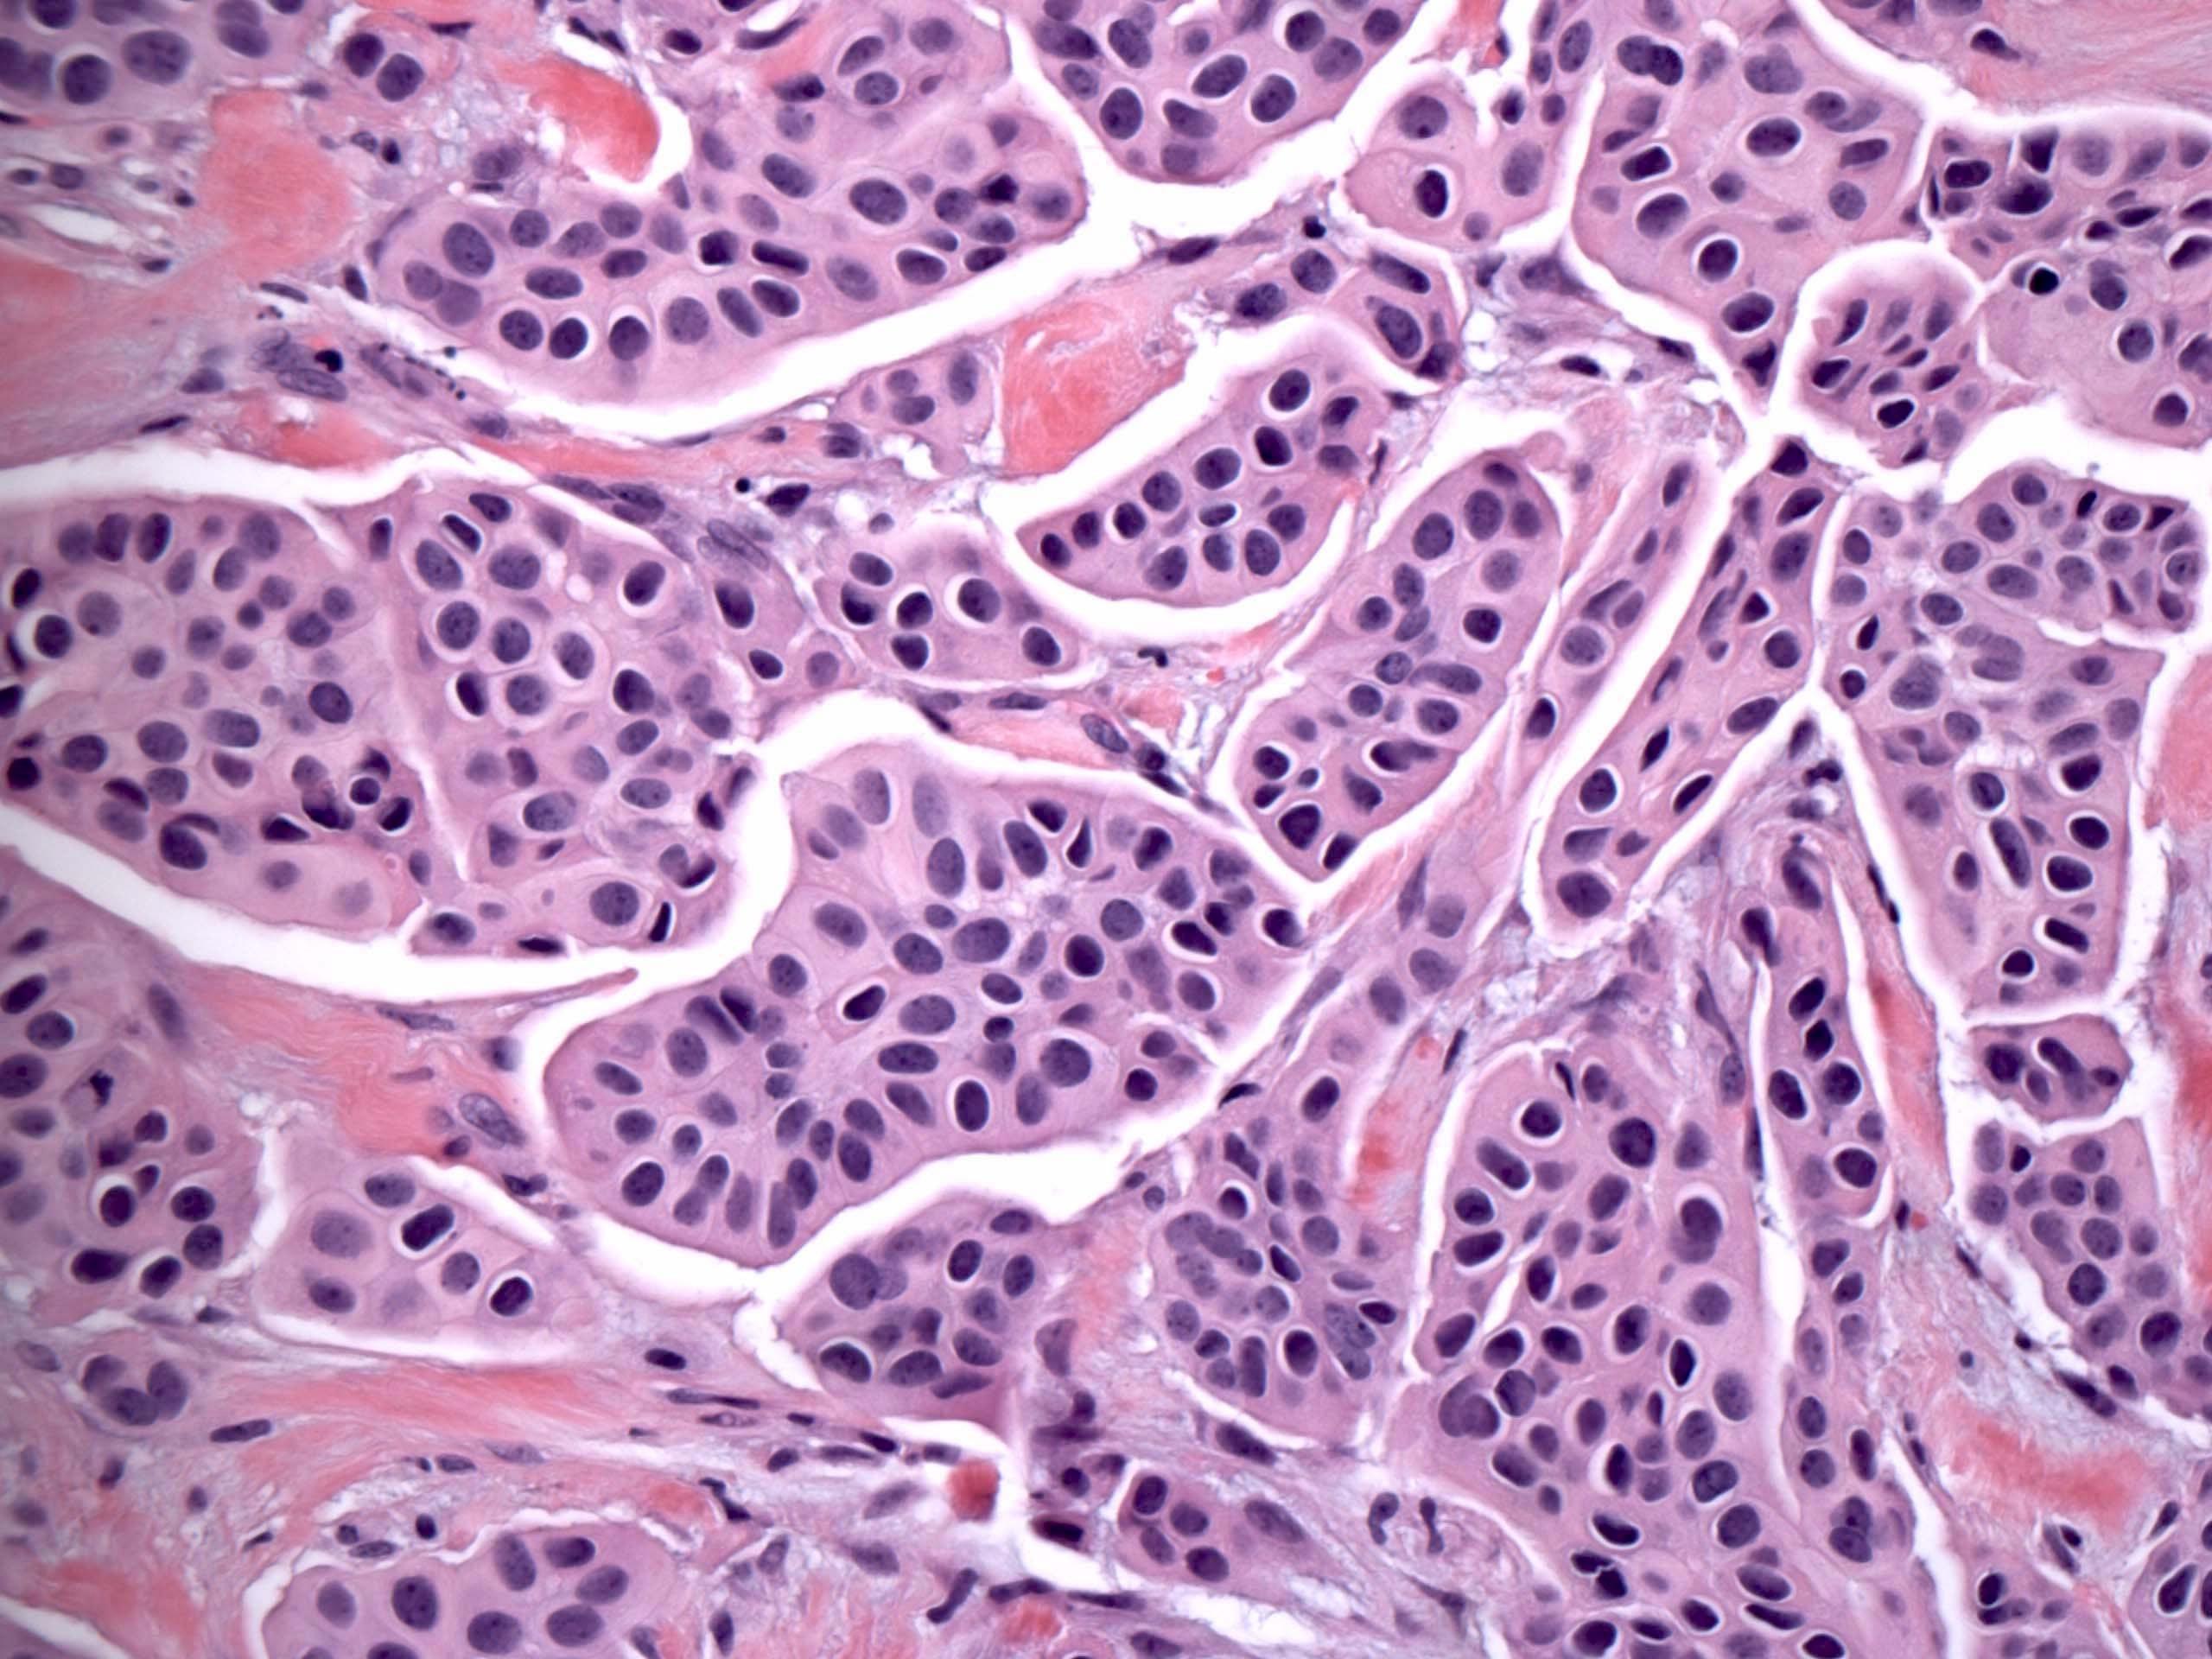 Micropapillary carcinoma